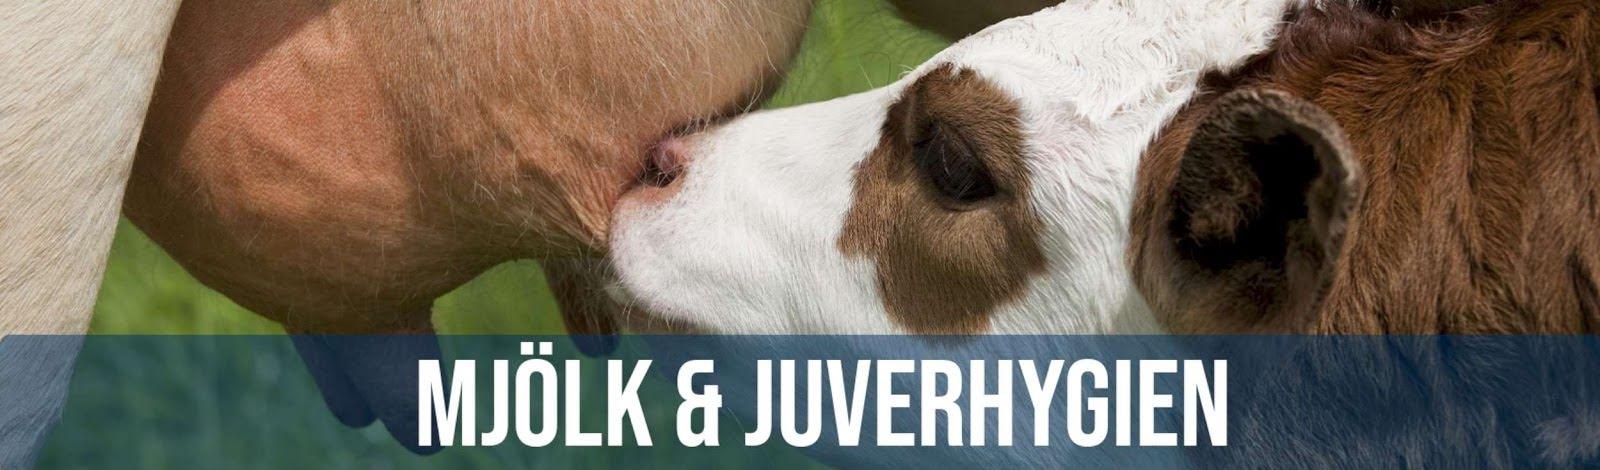 Mjölk- & juverhygien